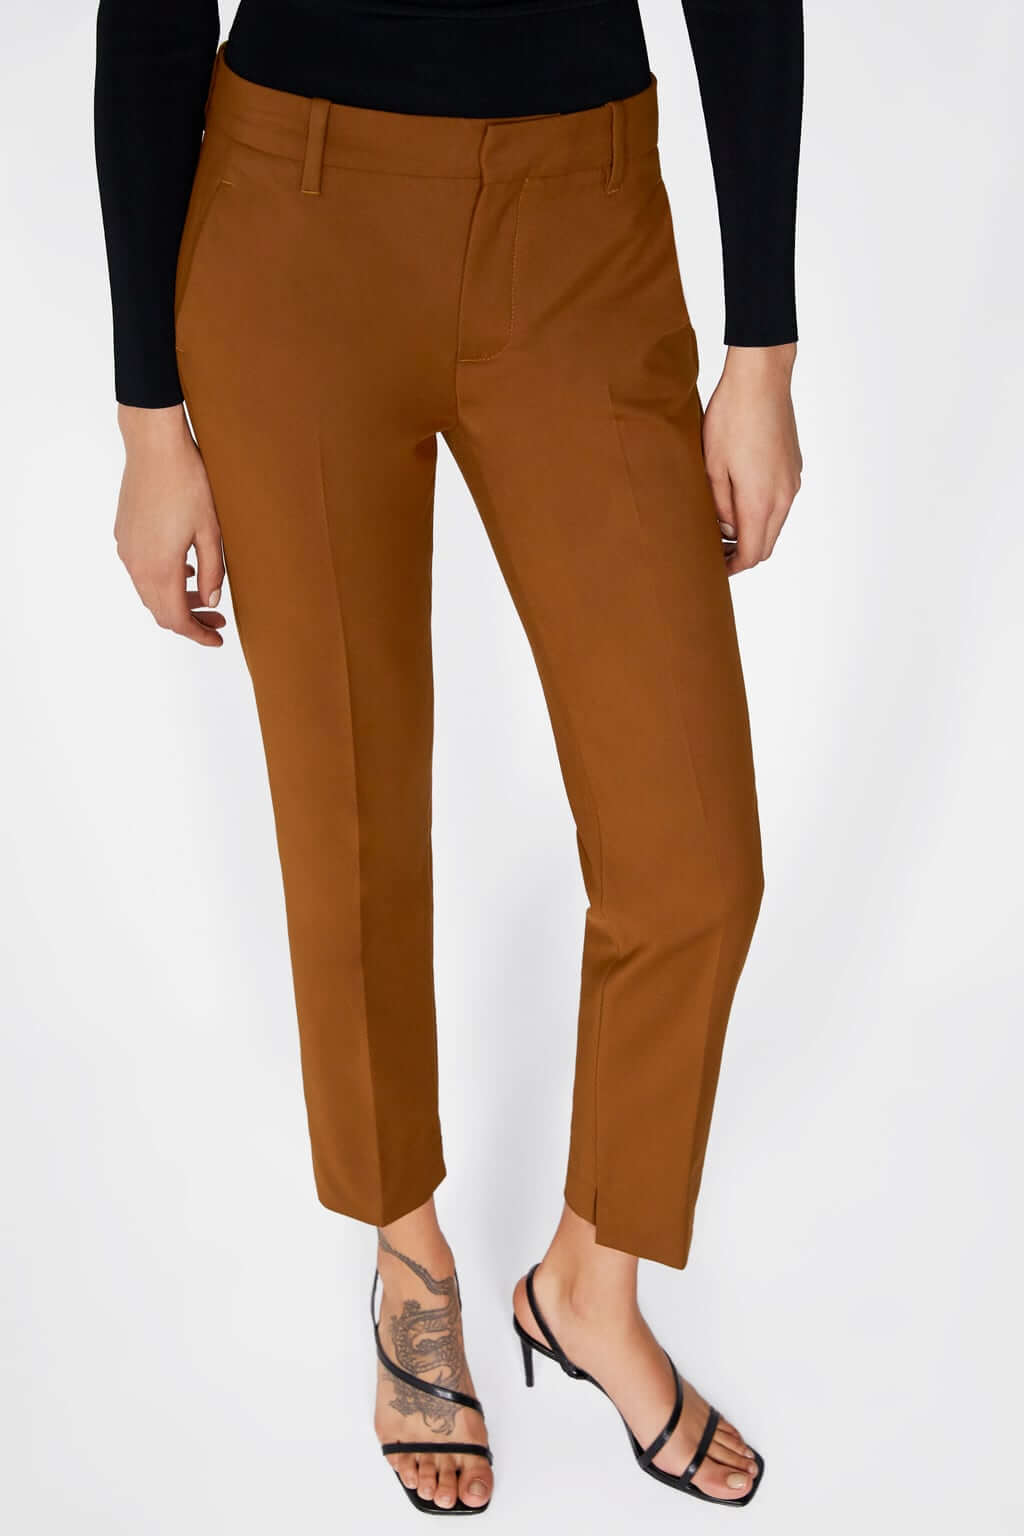 Pantalones de corte recto de color camel